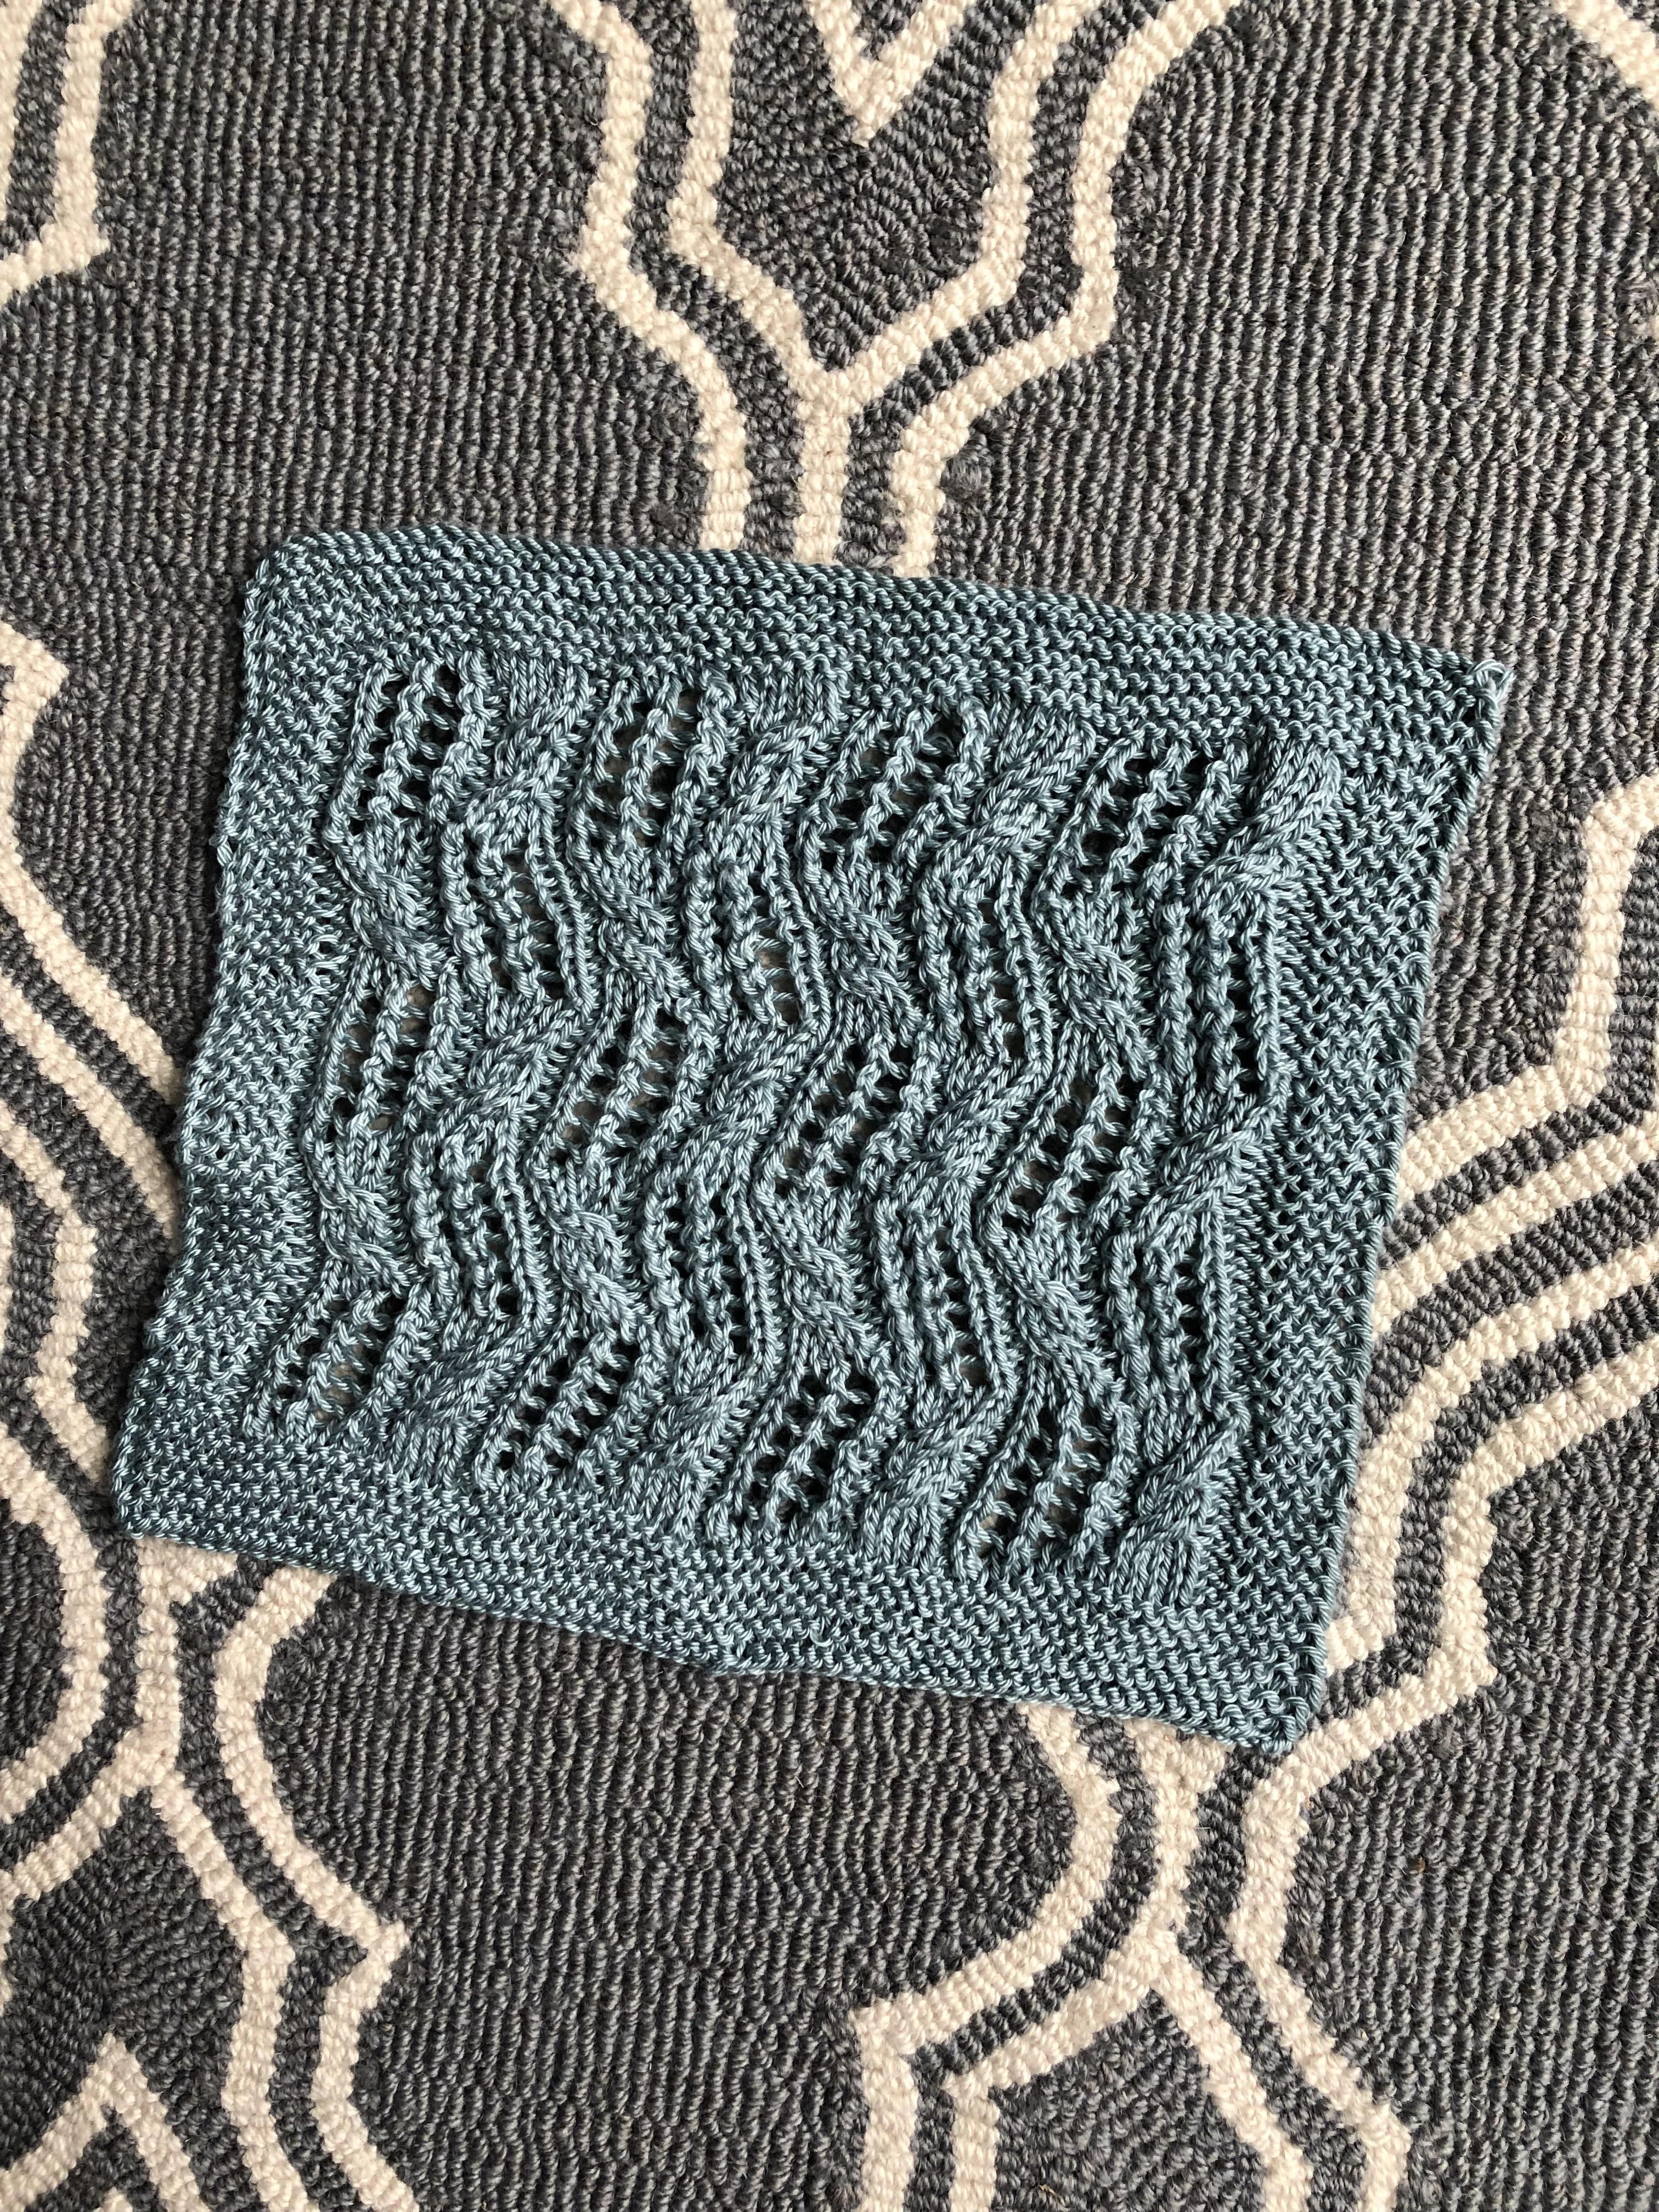 Spa Cloth – knit equals joy